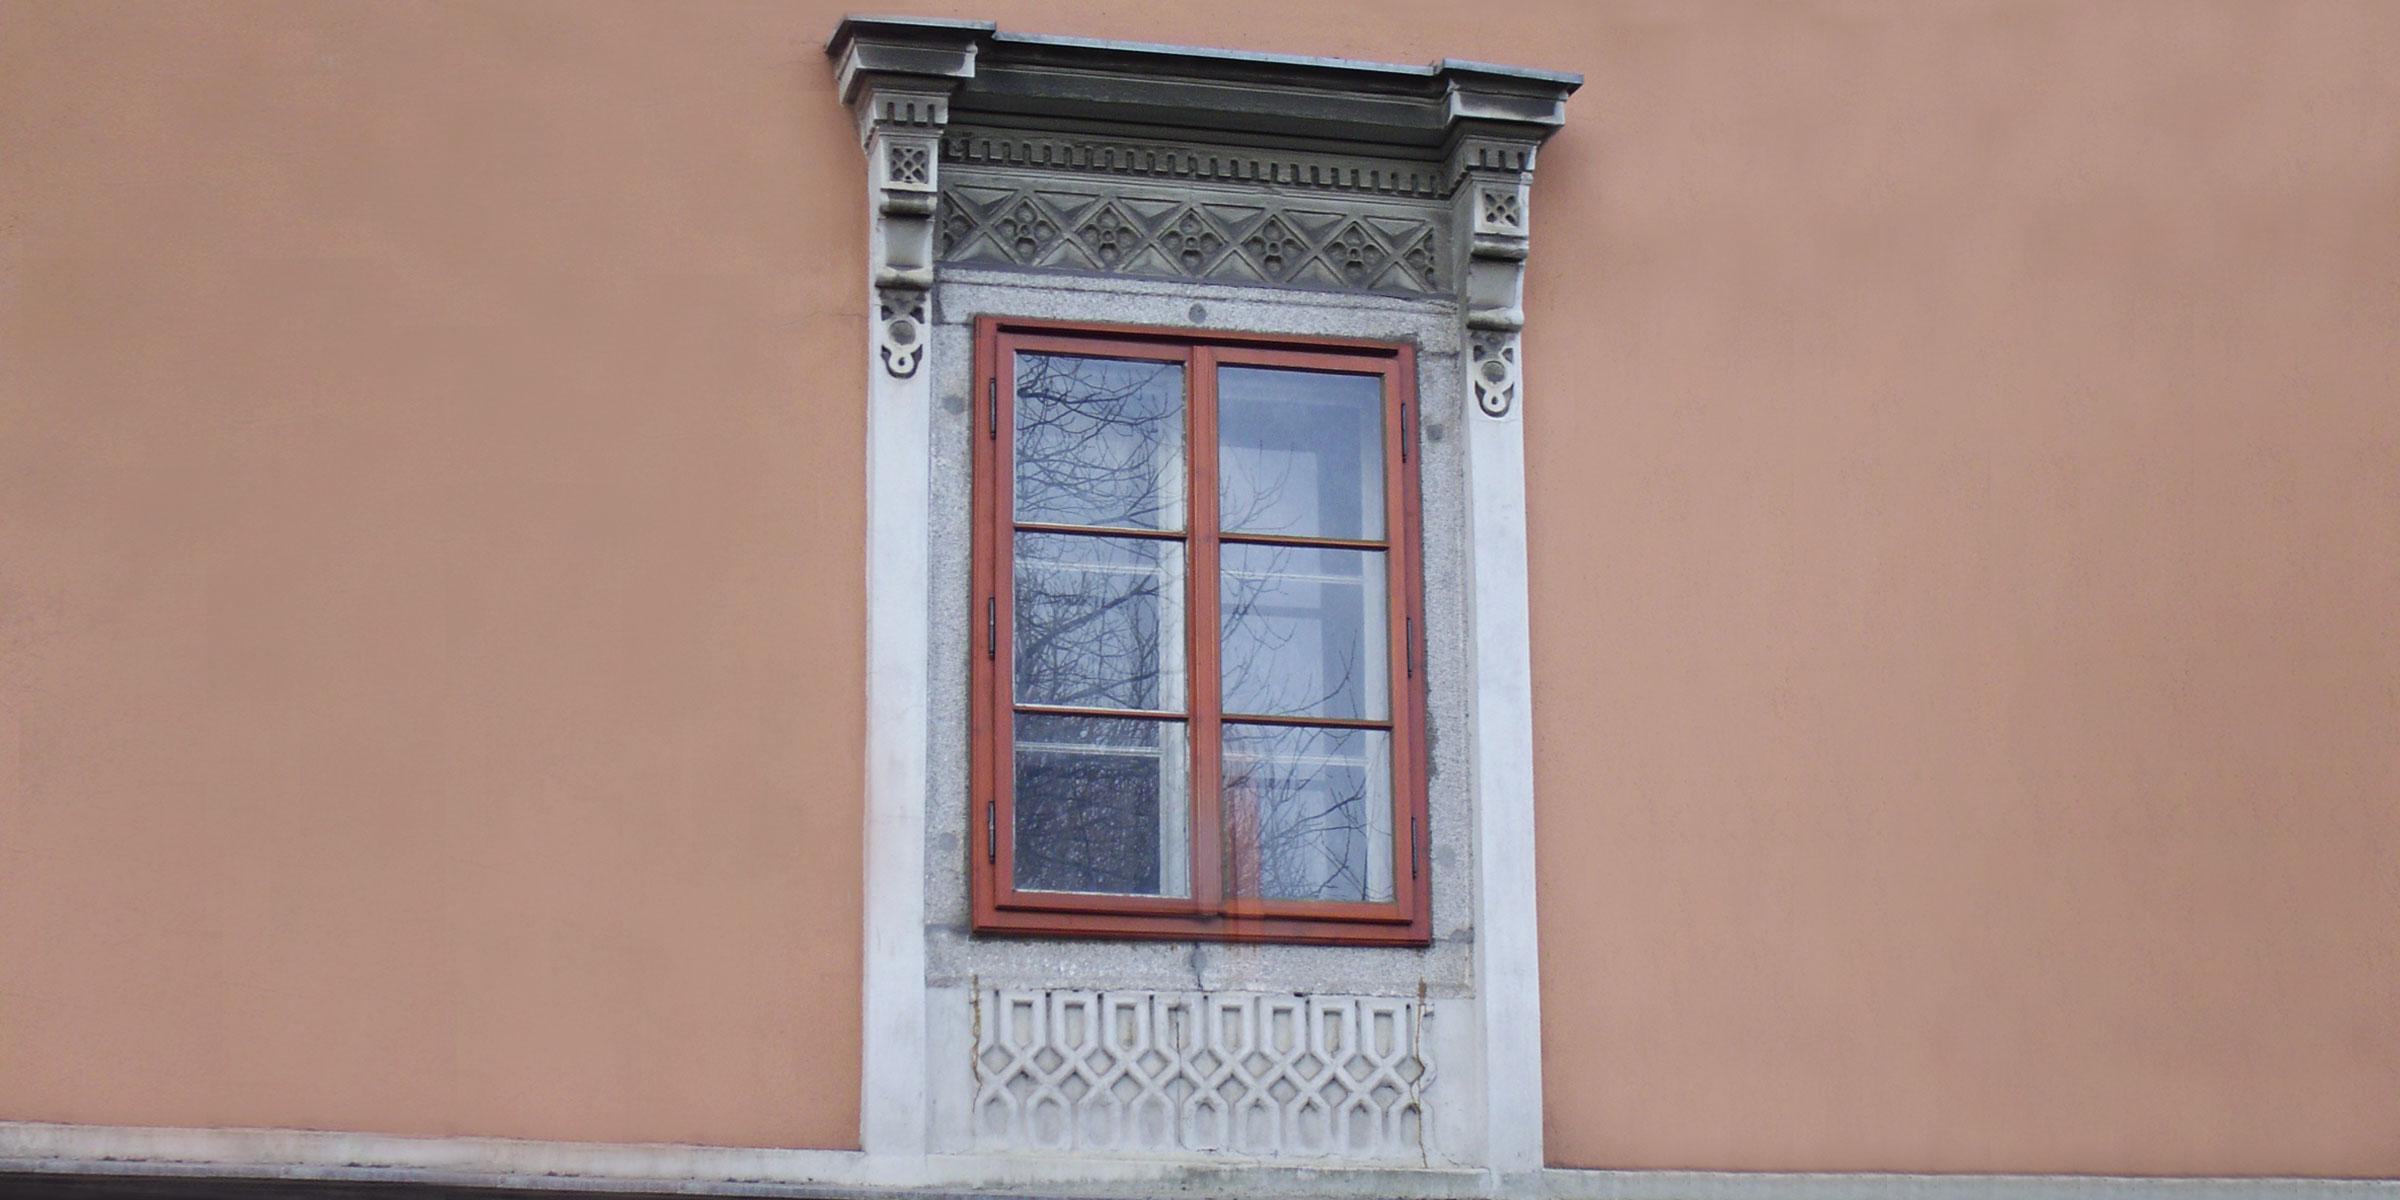 Fenster historisch Stuck Fassade Stuckfassade Fensterstuck Tischler Hans Hummer Feldkirchen an der Donau